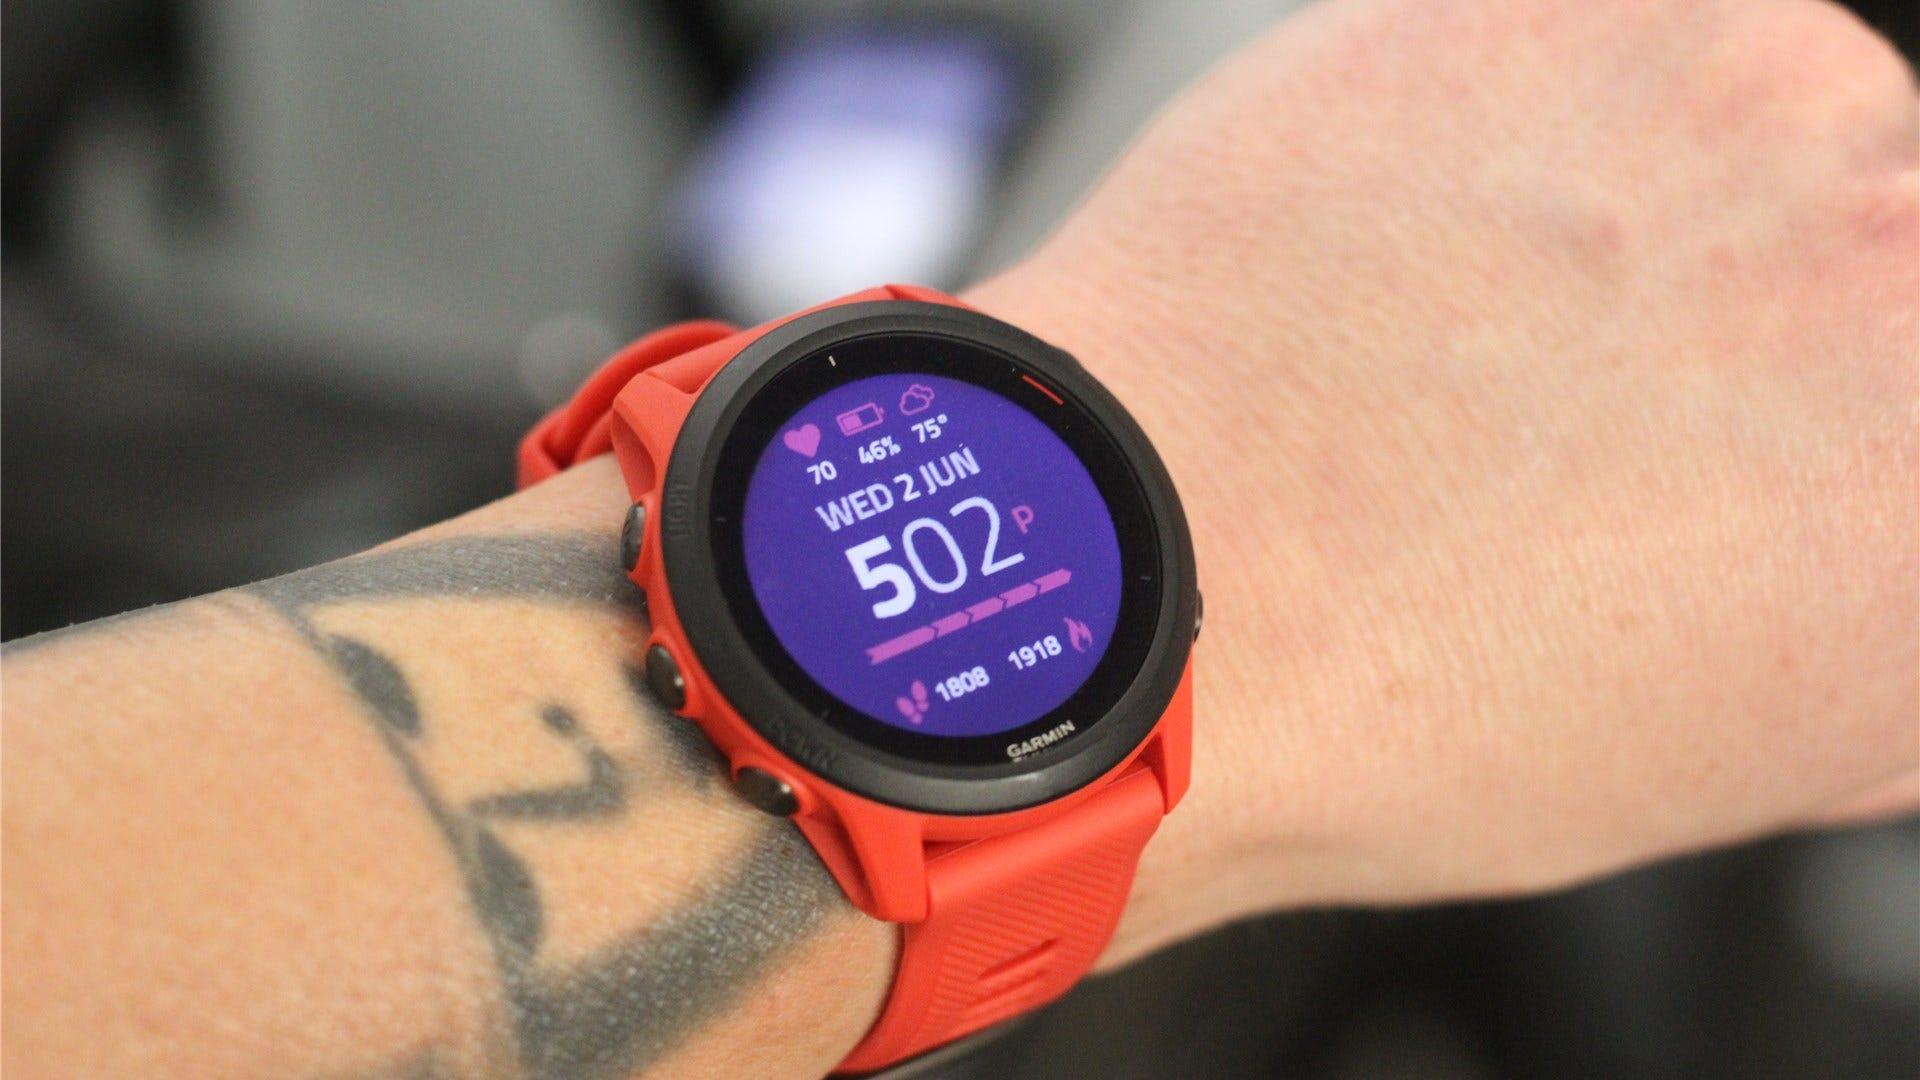 The Garmin Forerunner 745 multisport watch in lava red